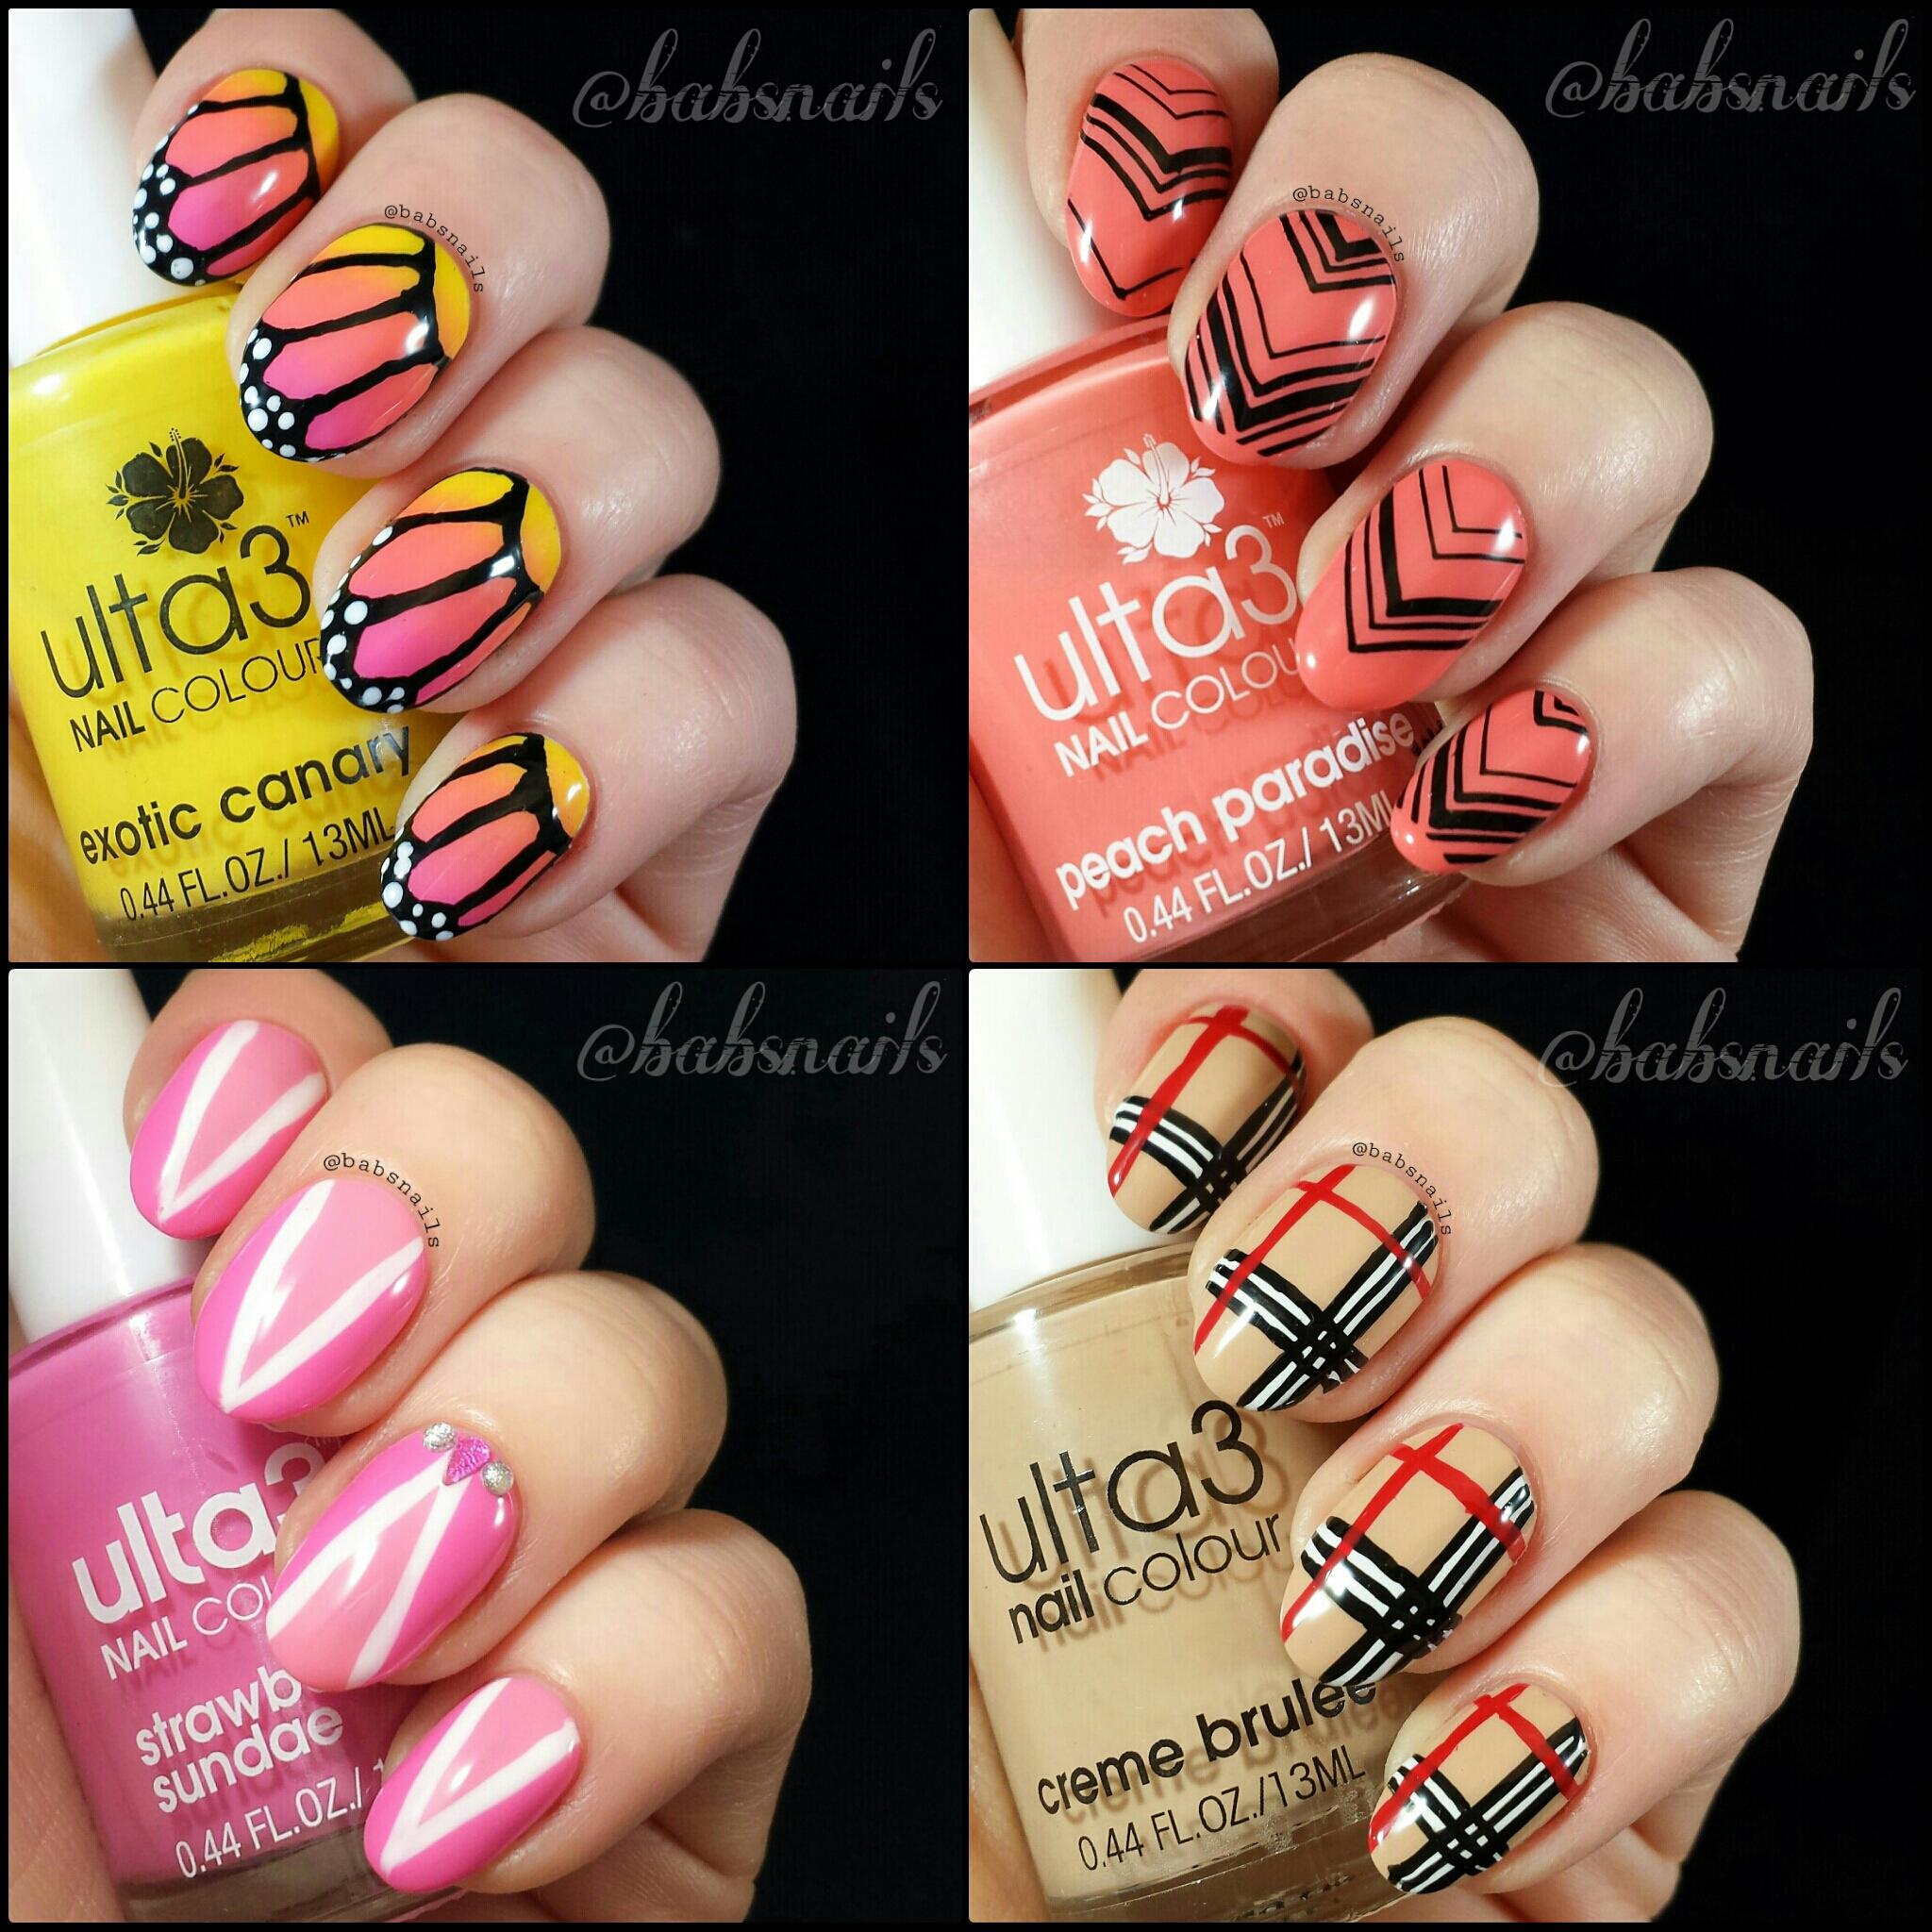 Ulta3 Nail Art   Bab\'s Nails Blog